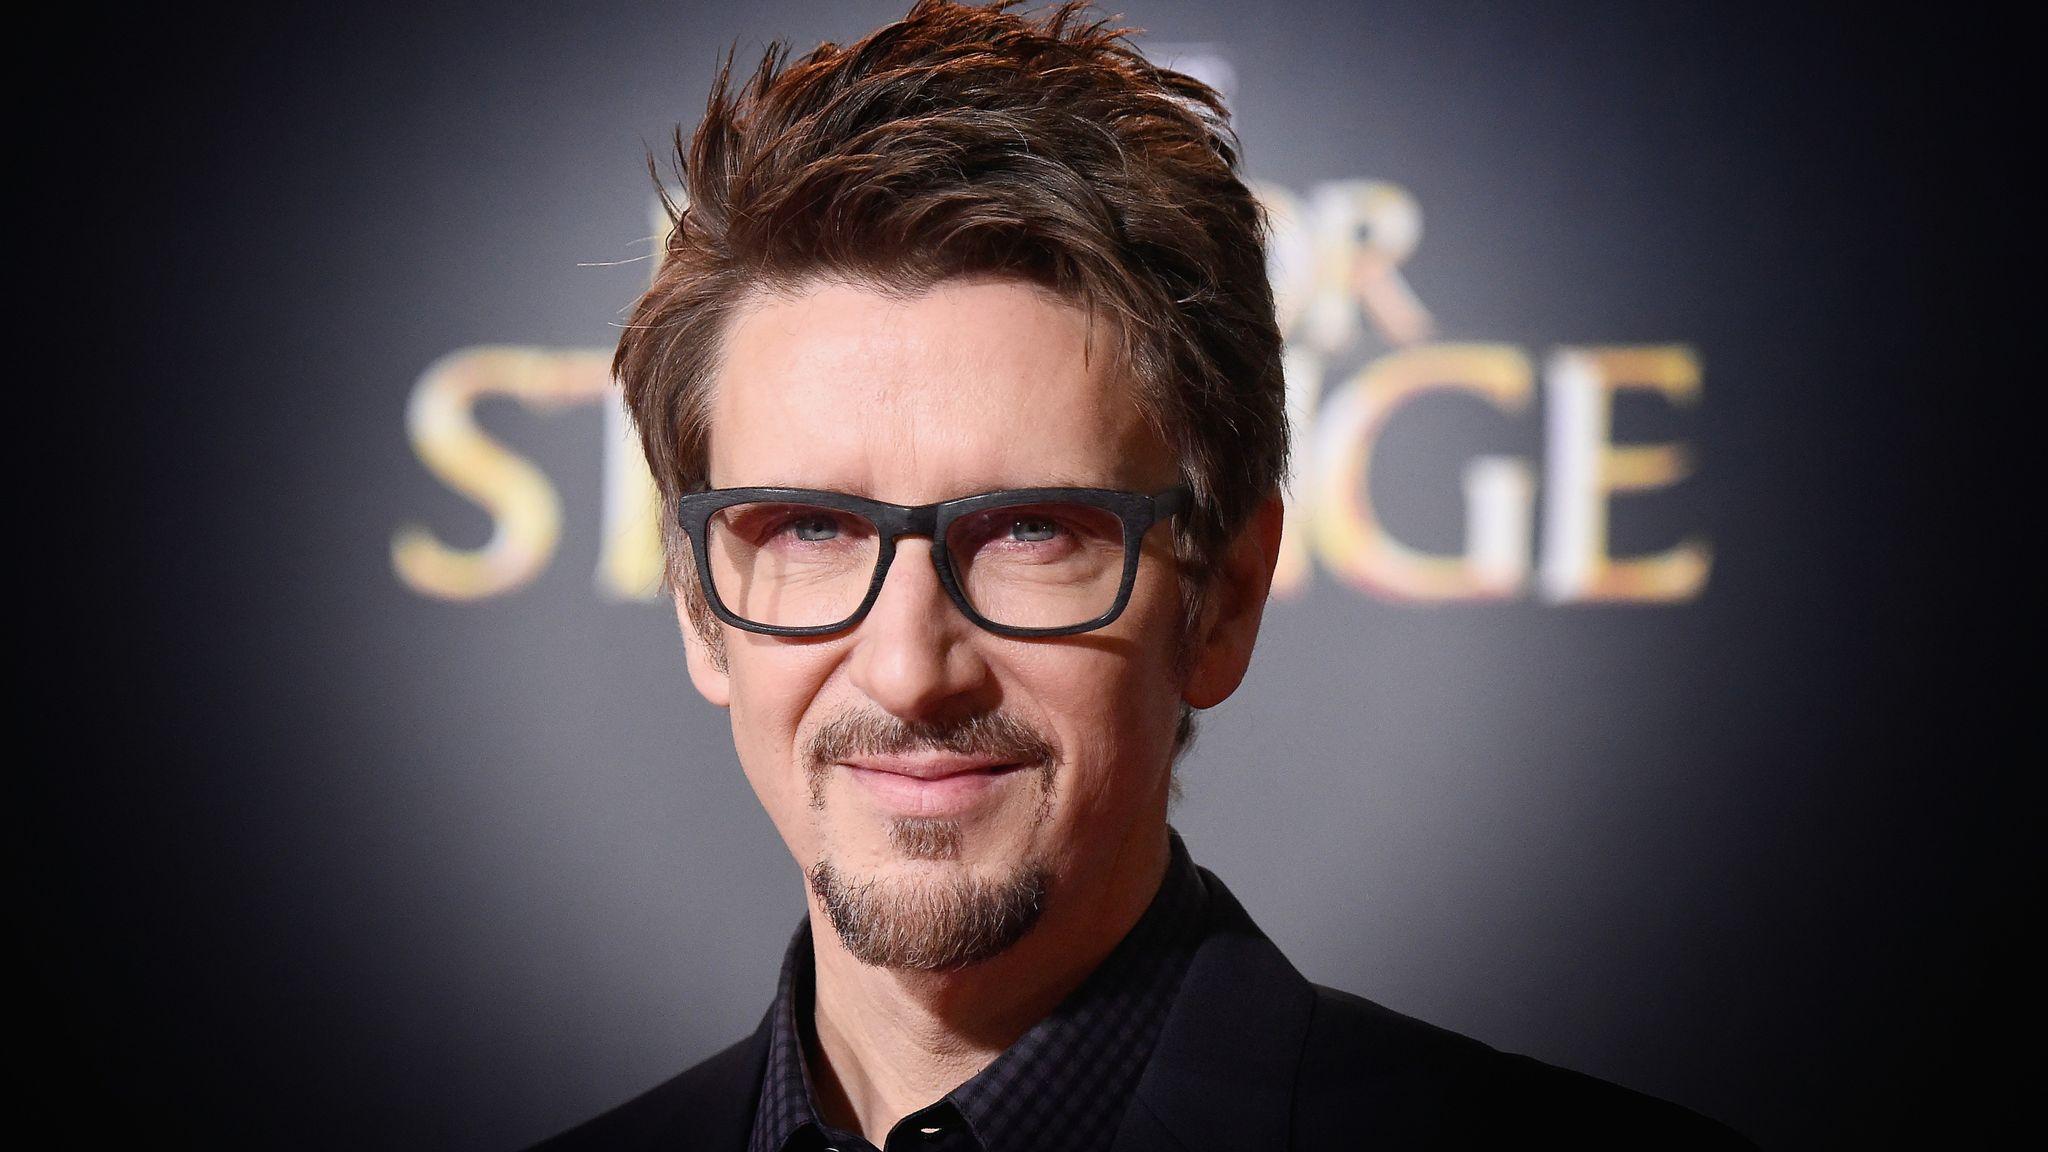 Scott Derrickson is best known for directing Marvel's Doctor Strange